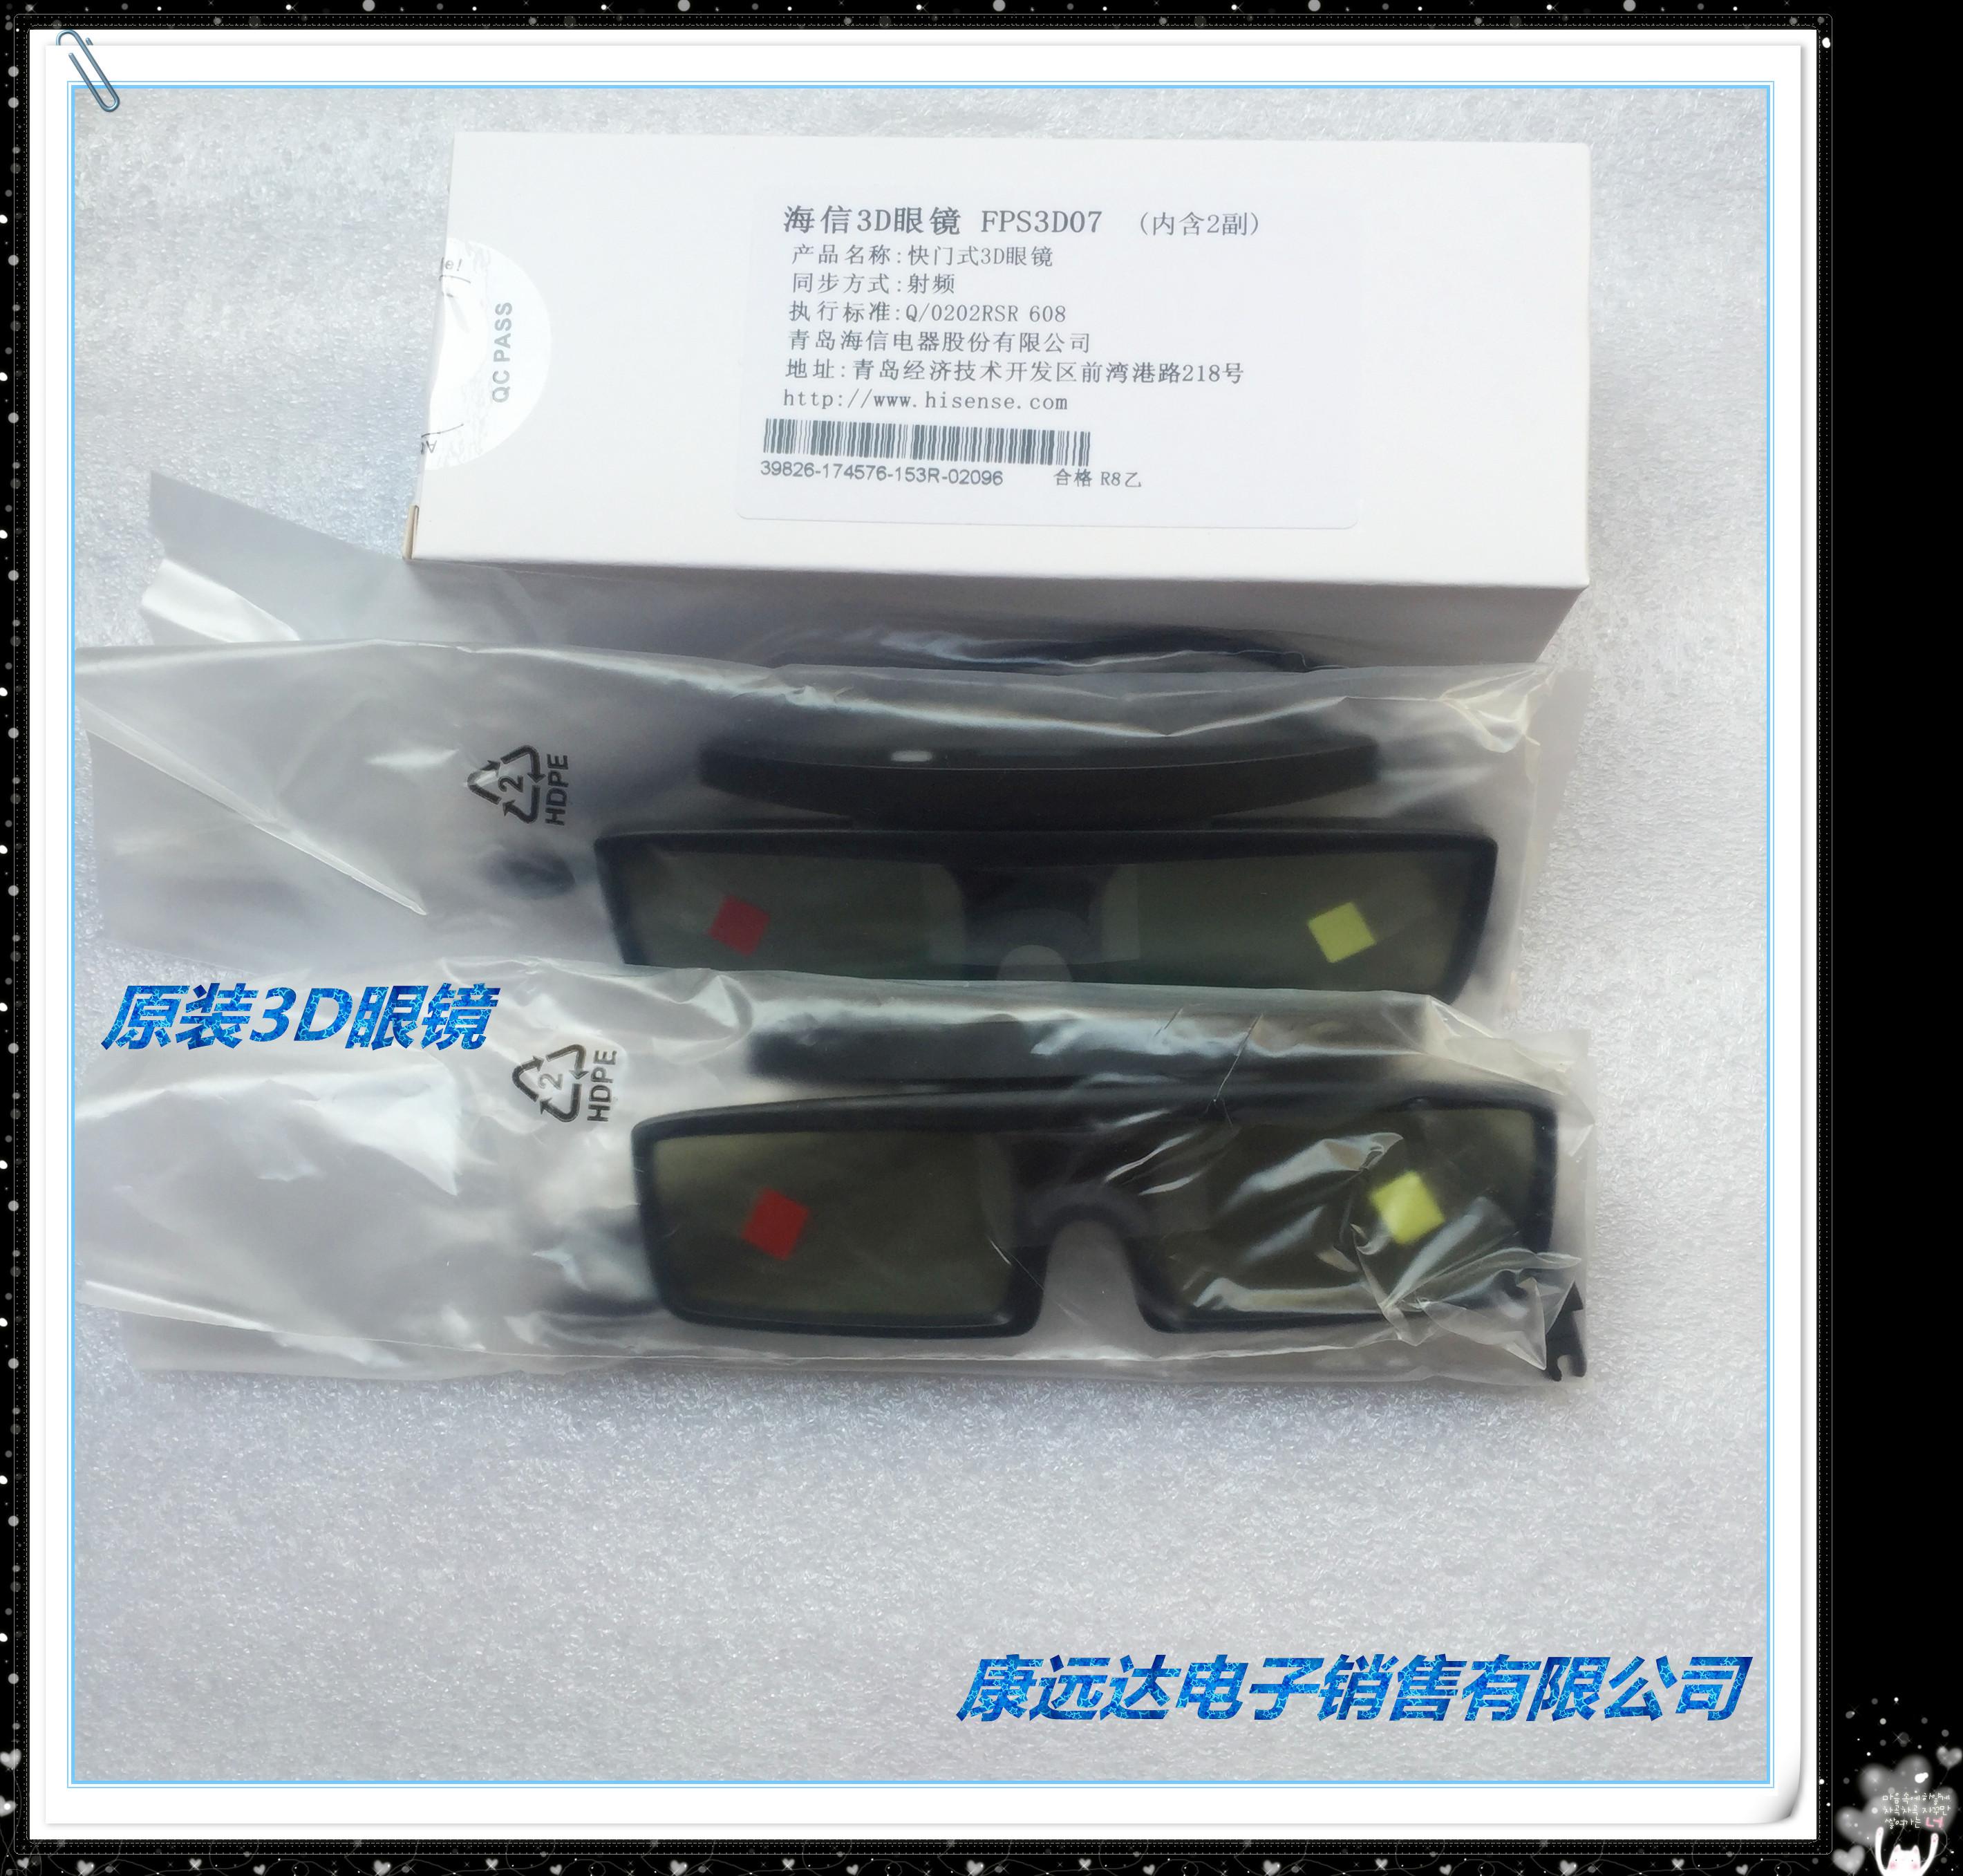 Бесплатная доставка по китаю спец. предложение в оригинальной упаковке Hisense FPS3D07 быстро дверь 3D глаз зеркало 2 только цена